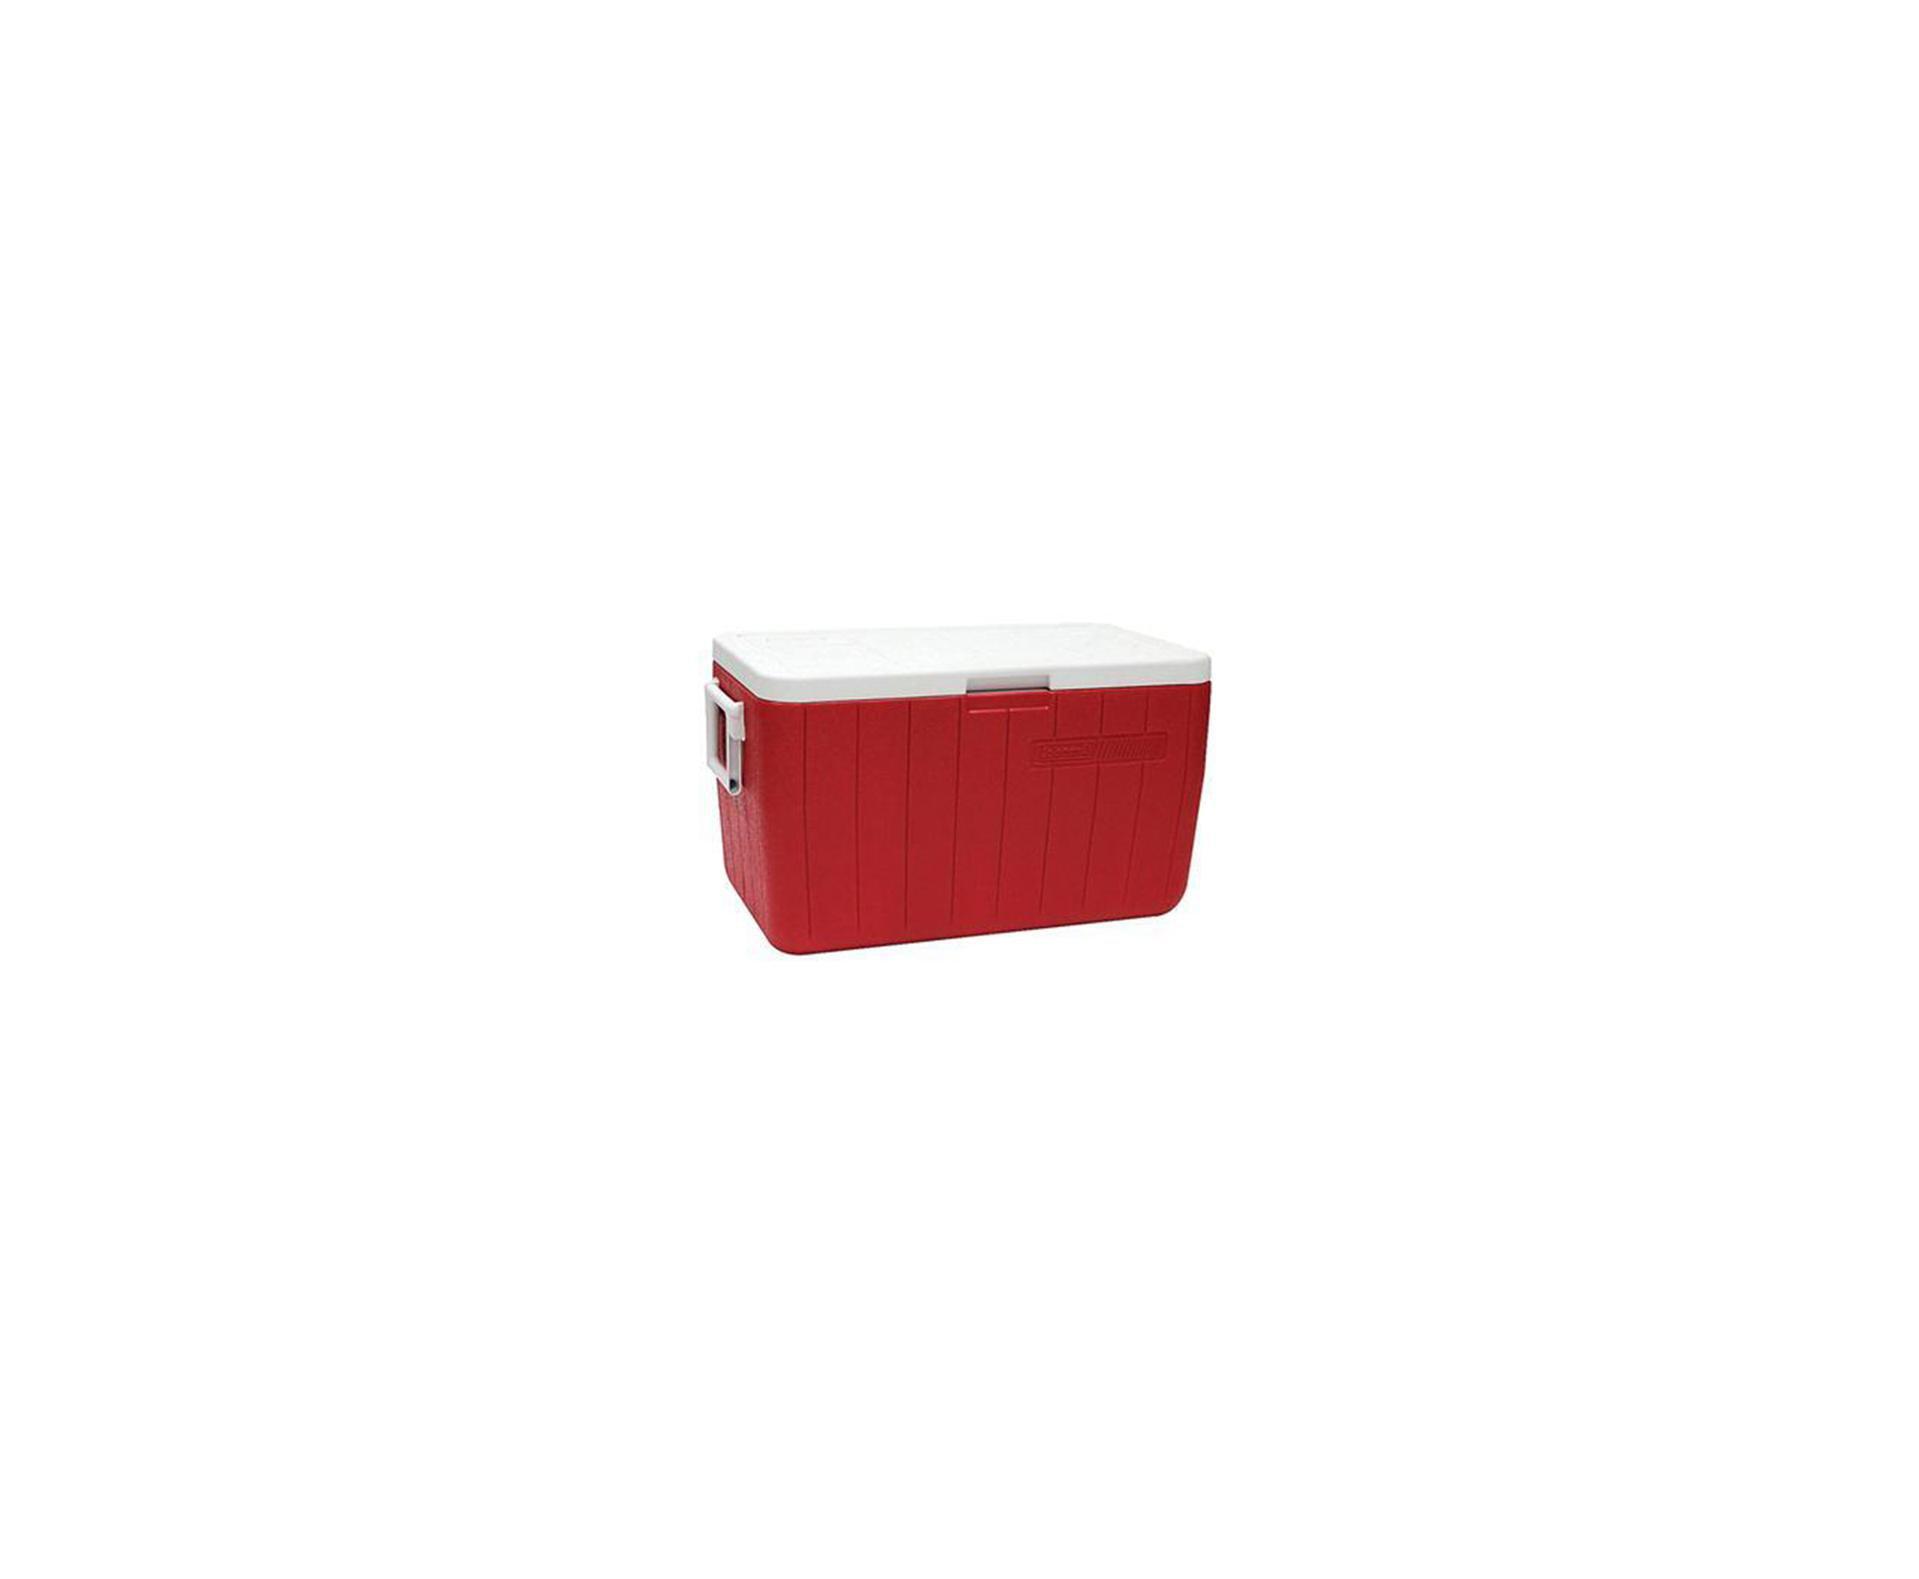 Caixa Térmica 48 Qt (45,4 Lts) - Vermelha - Coleman